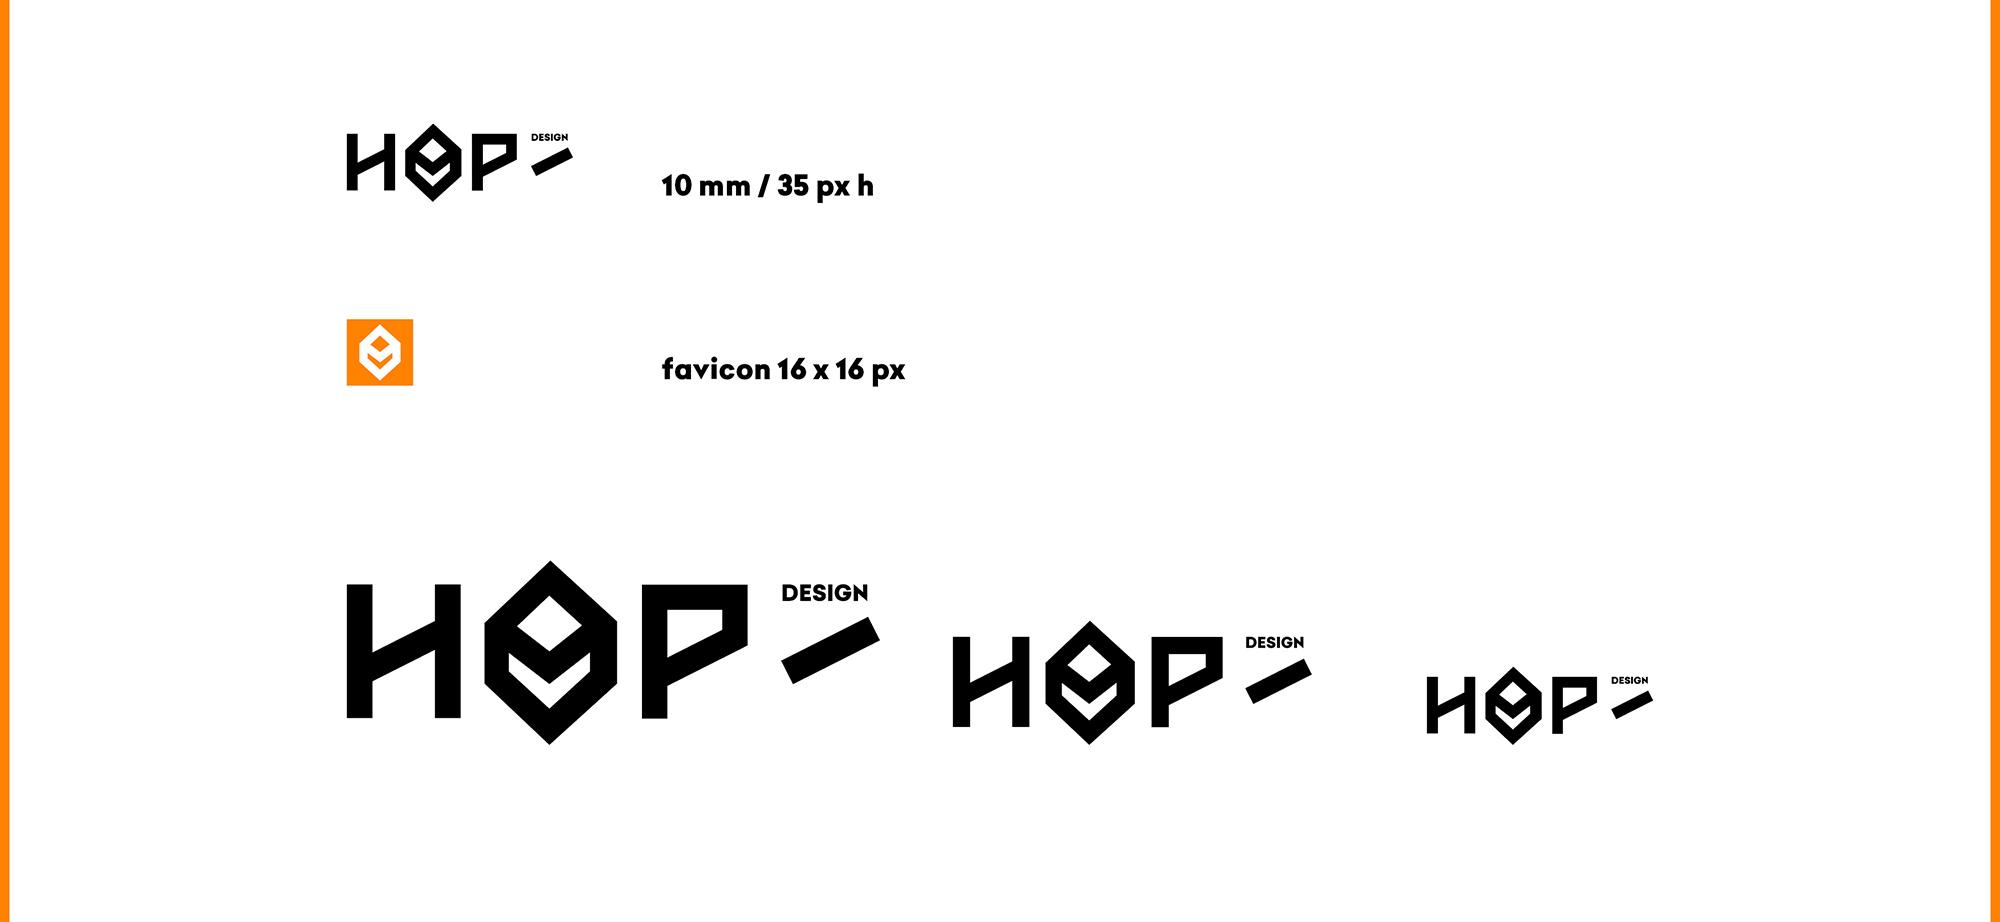 brandbook hop design by nina gregier (8)